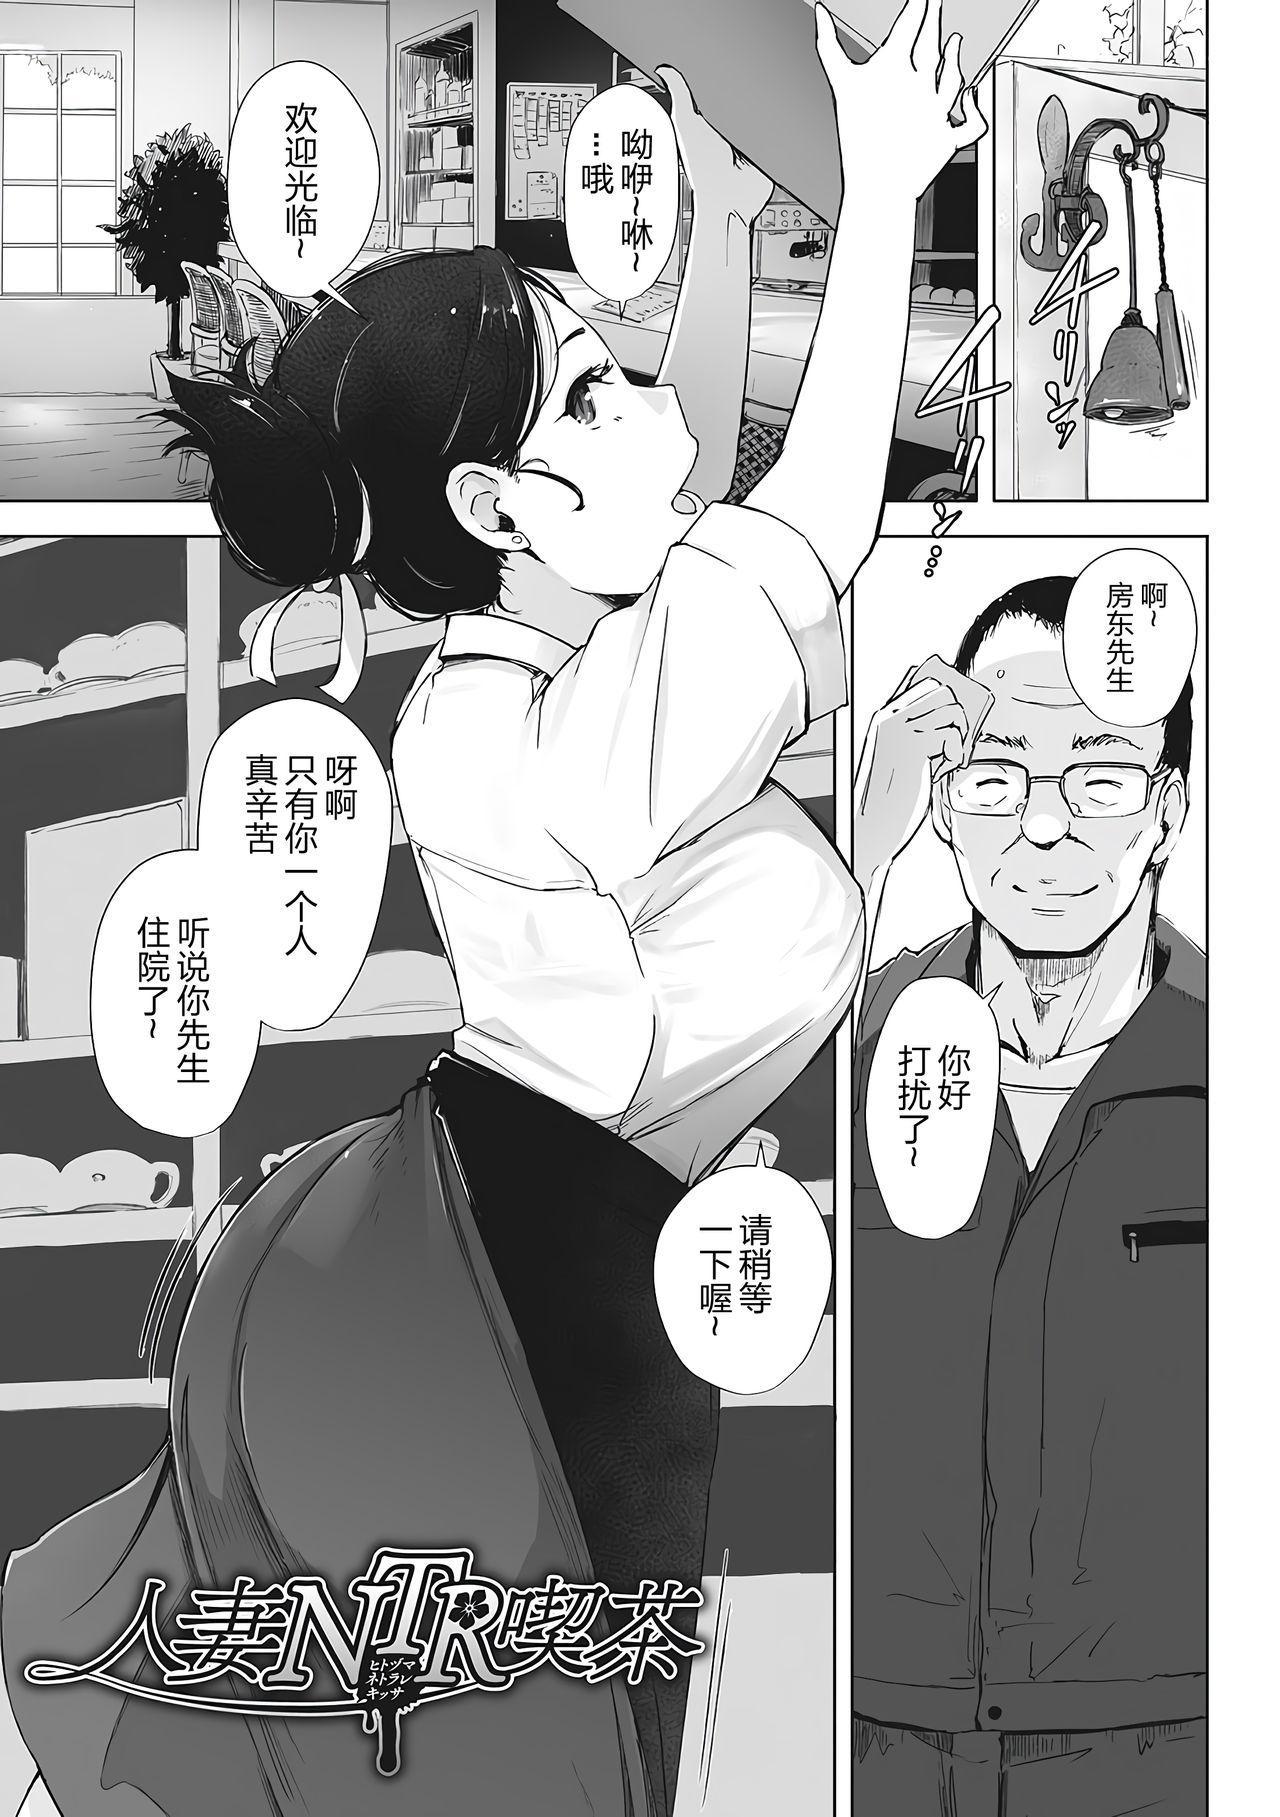 Yue ni Hitozuma wa Netorareta. 22